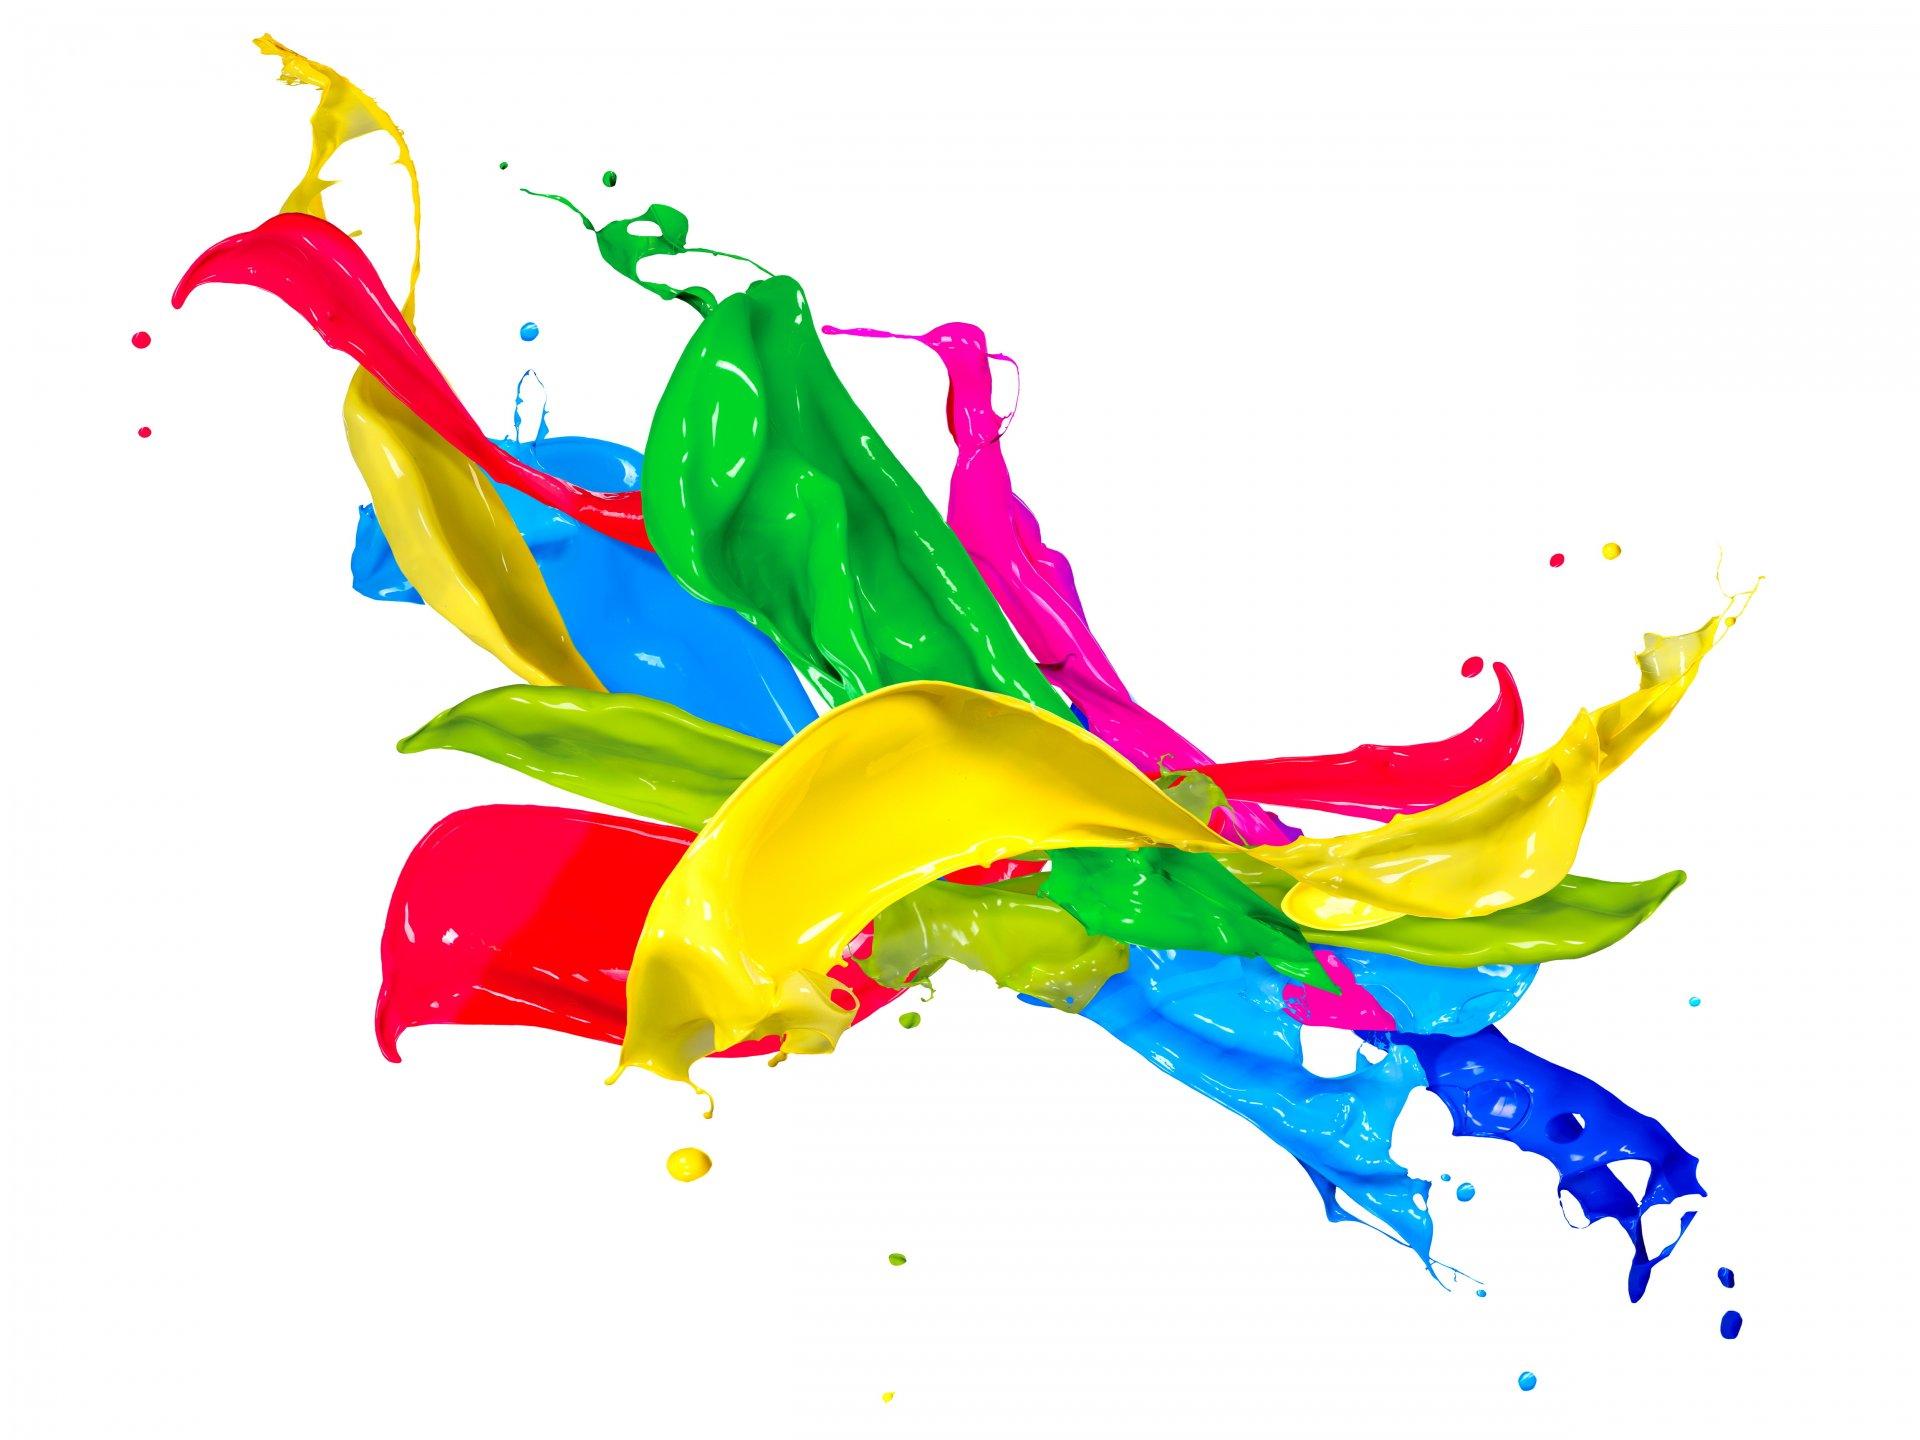 Как сделать цвета ярче на вшопе